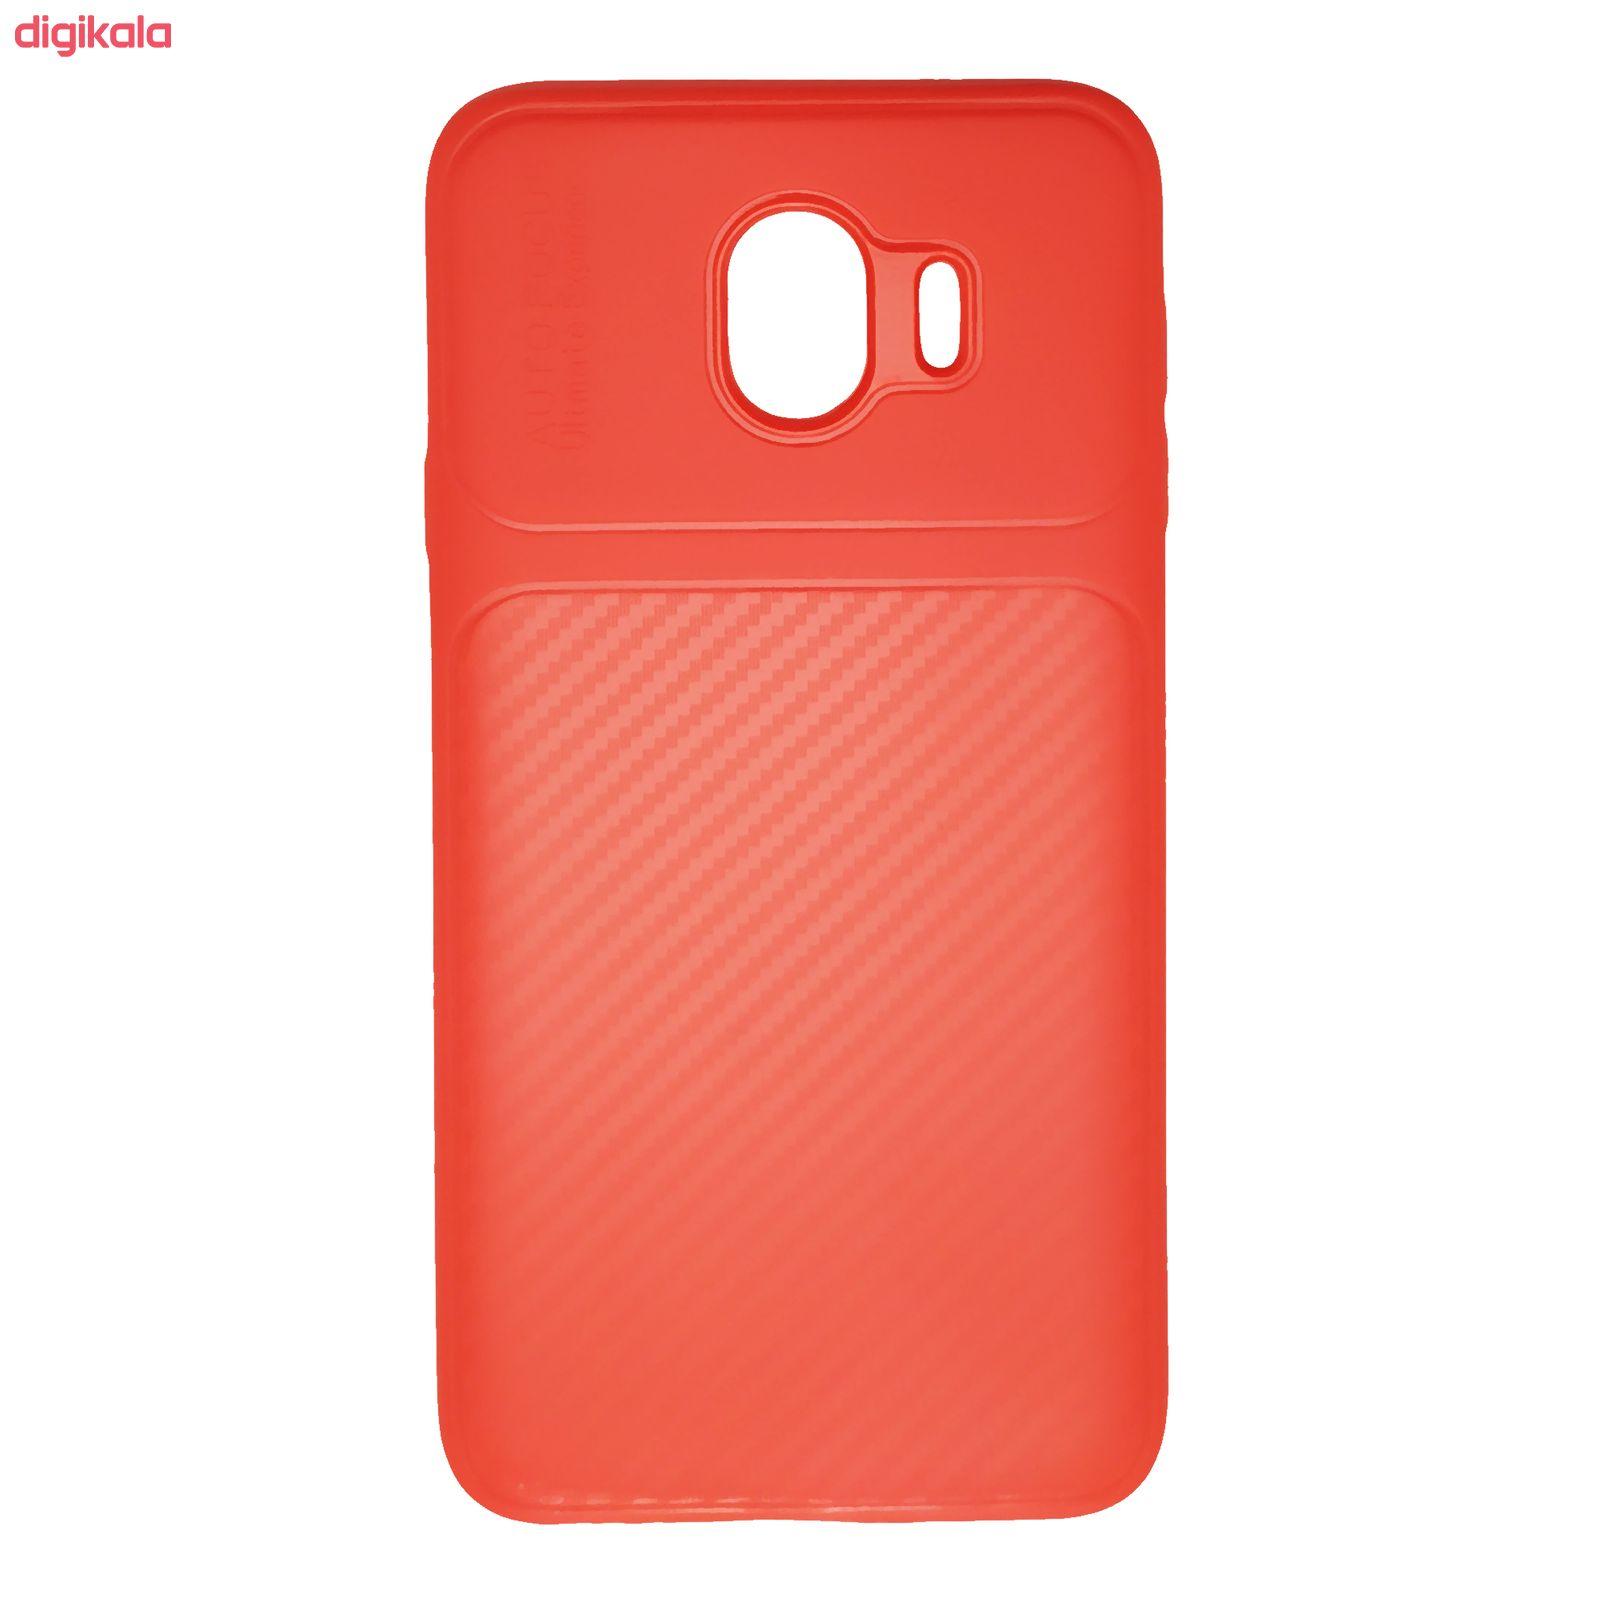 کاور کد atuo-5434 مناسب برای گوشی موبایل سامسونگ Galaxy J4 2018 main 1 1